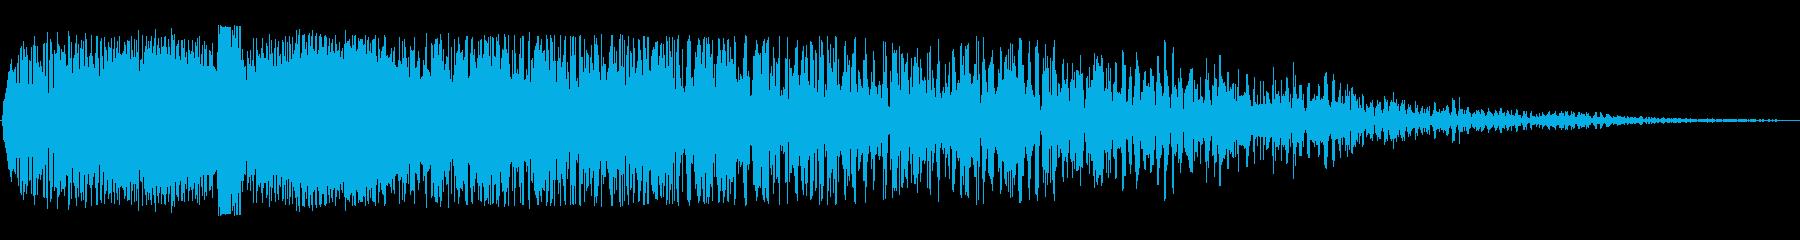 ワープ突入後に余韻がある効果音の再生済みの波形